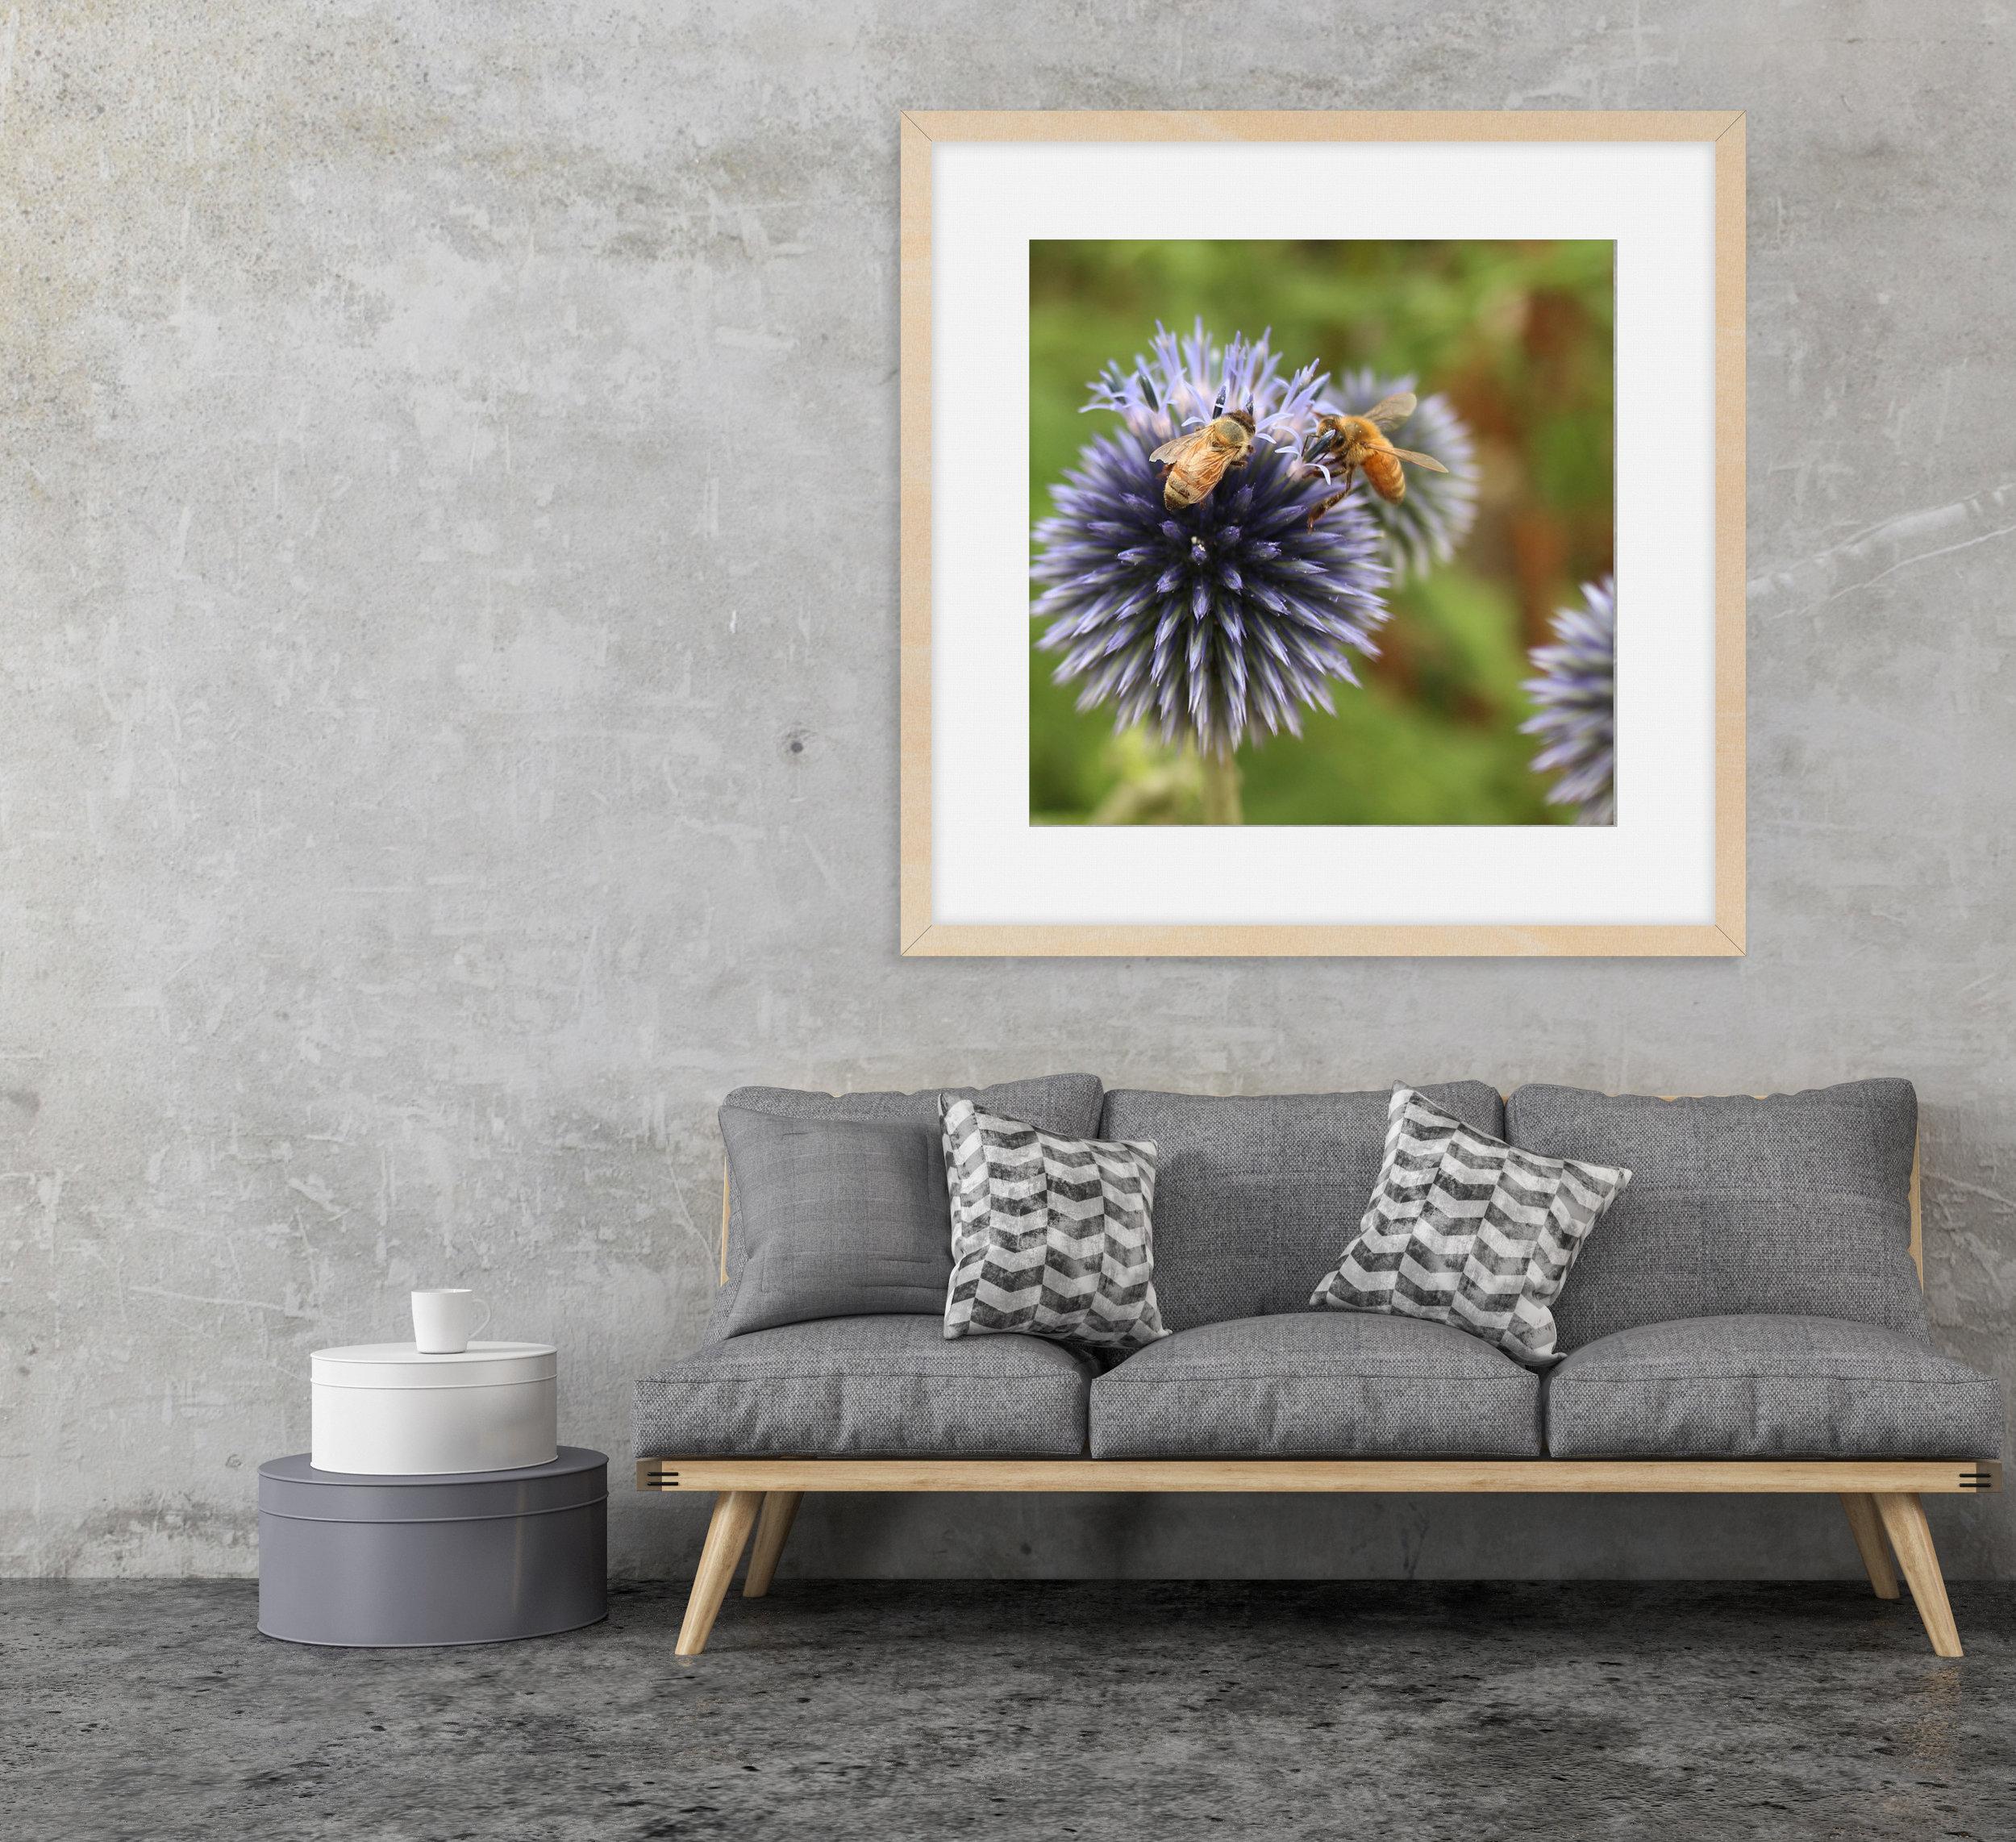 beepurpleflower_living room.jpg